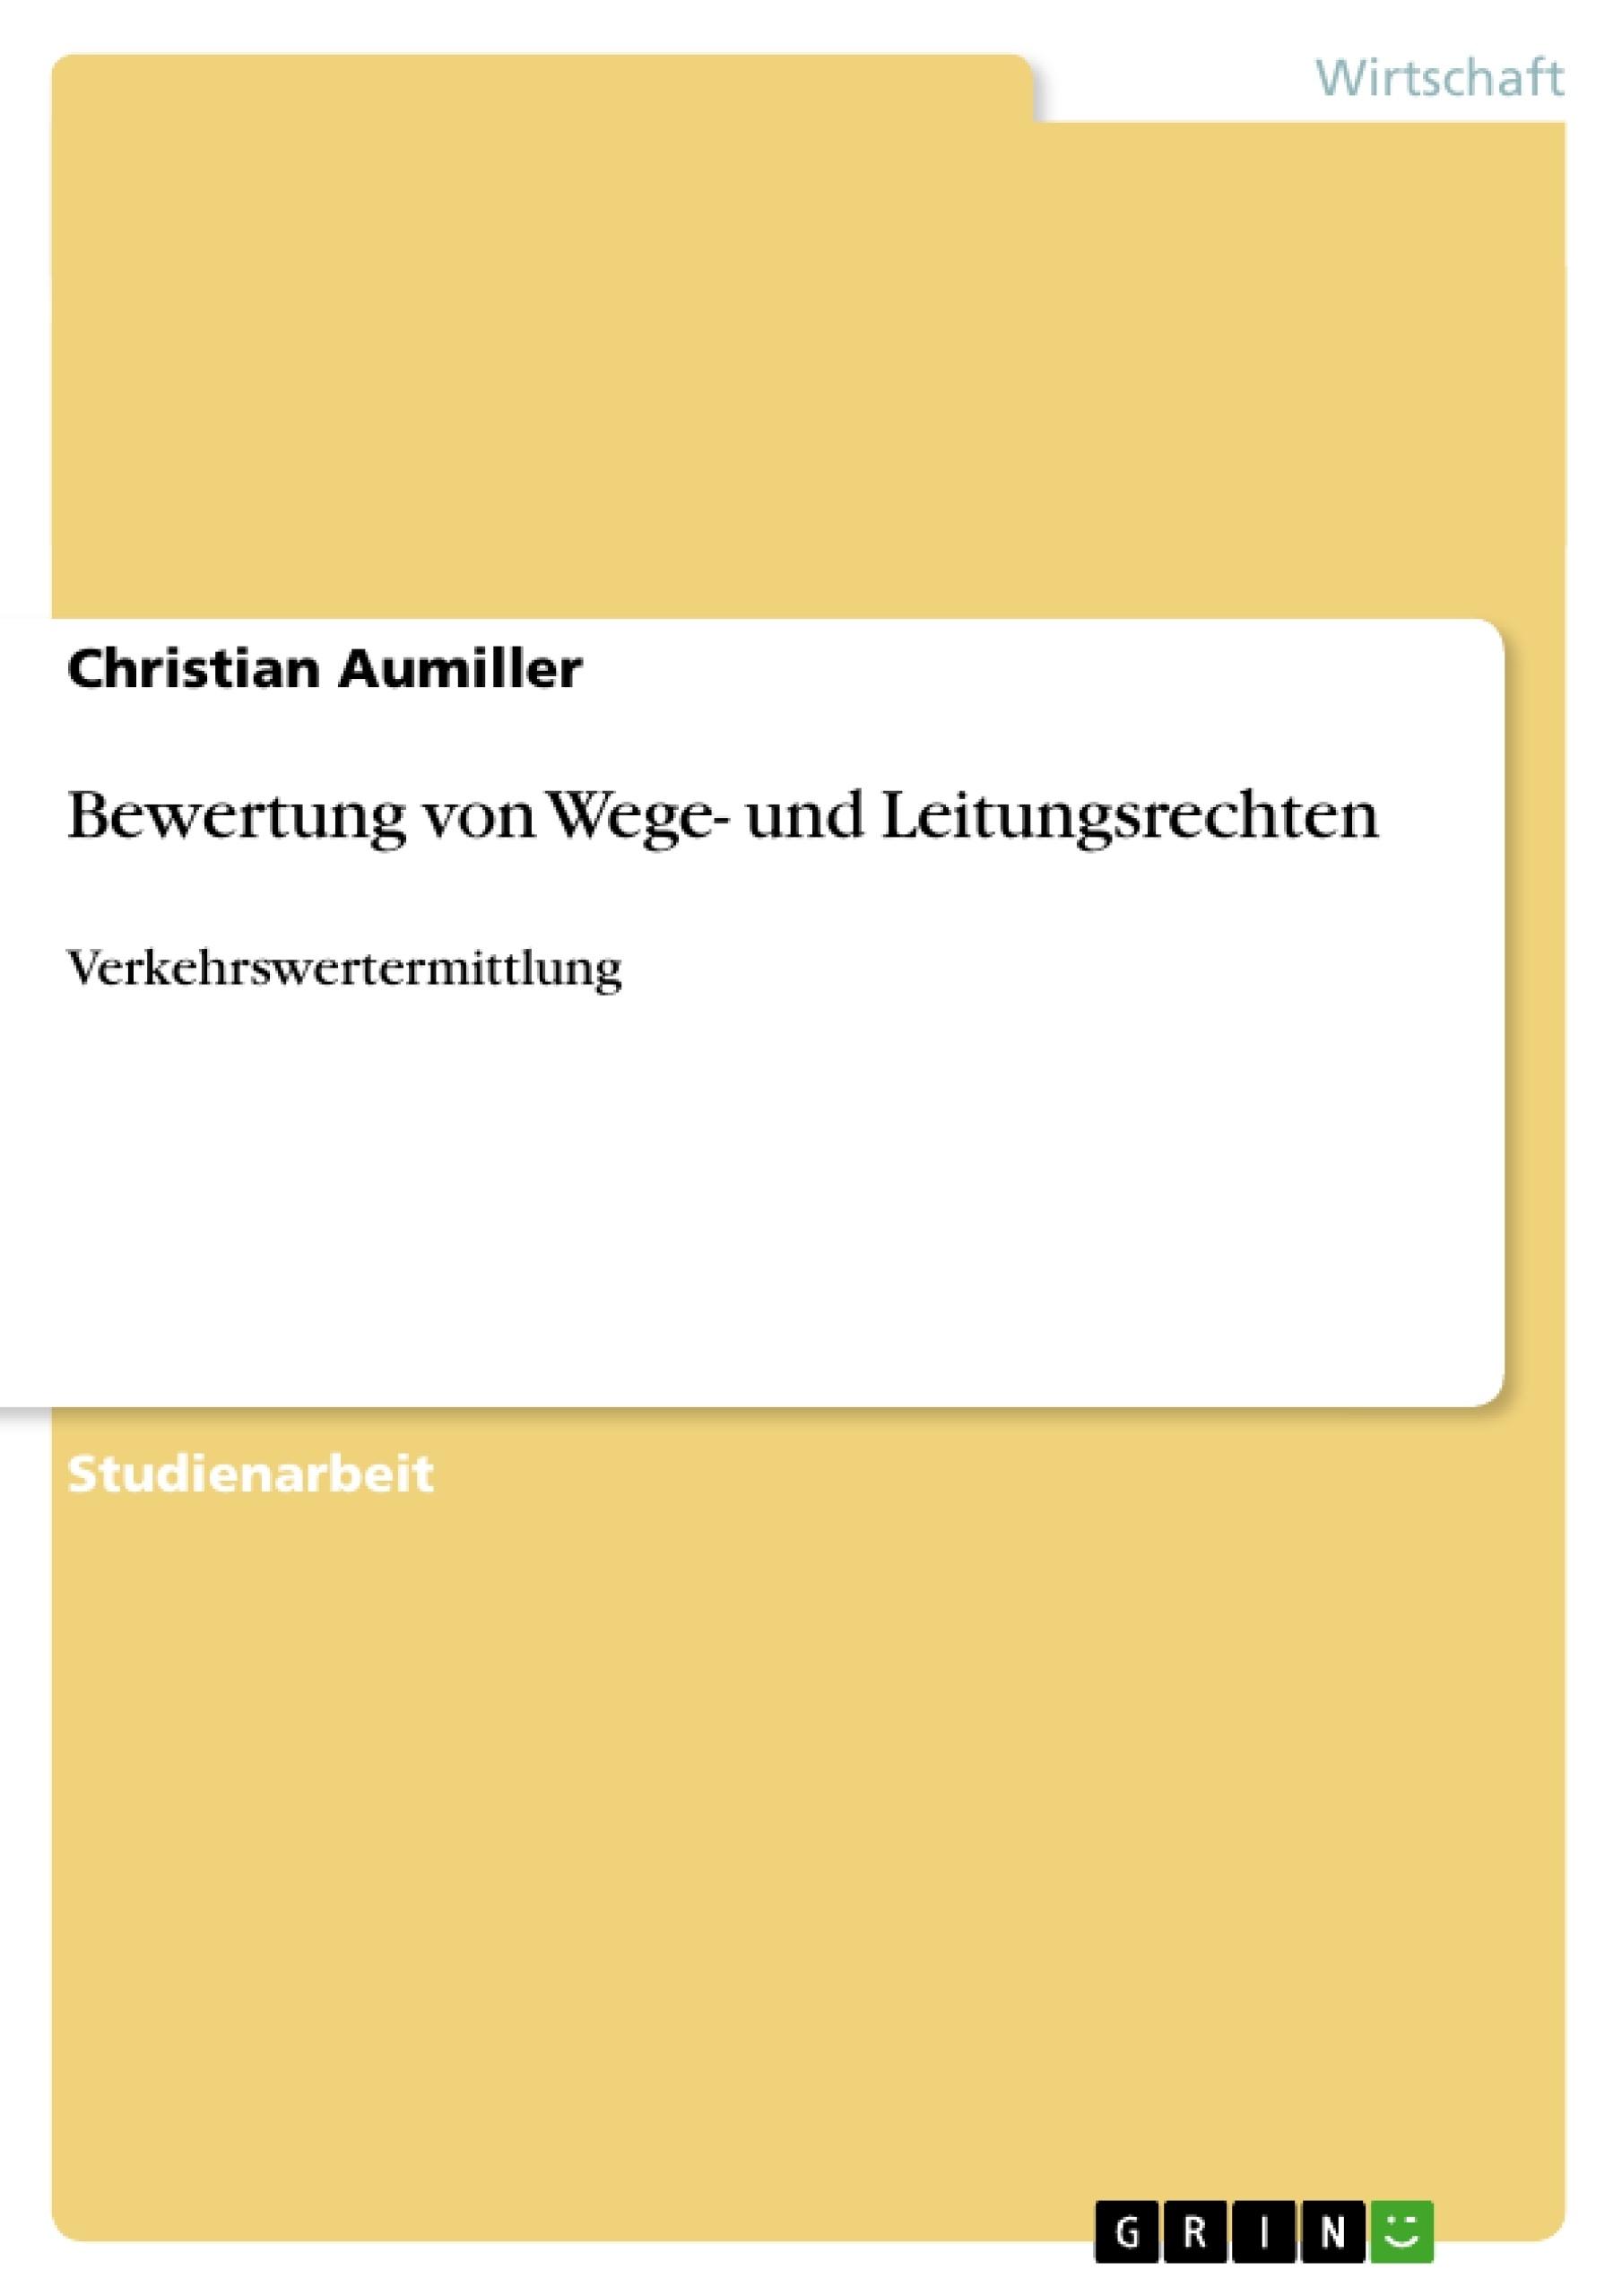 Titel: Bewertung von Wege- und Leitungsrechten